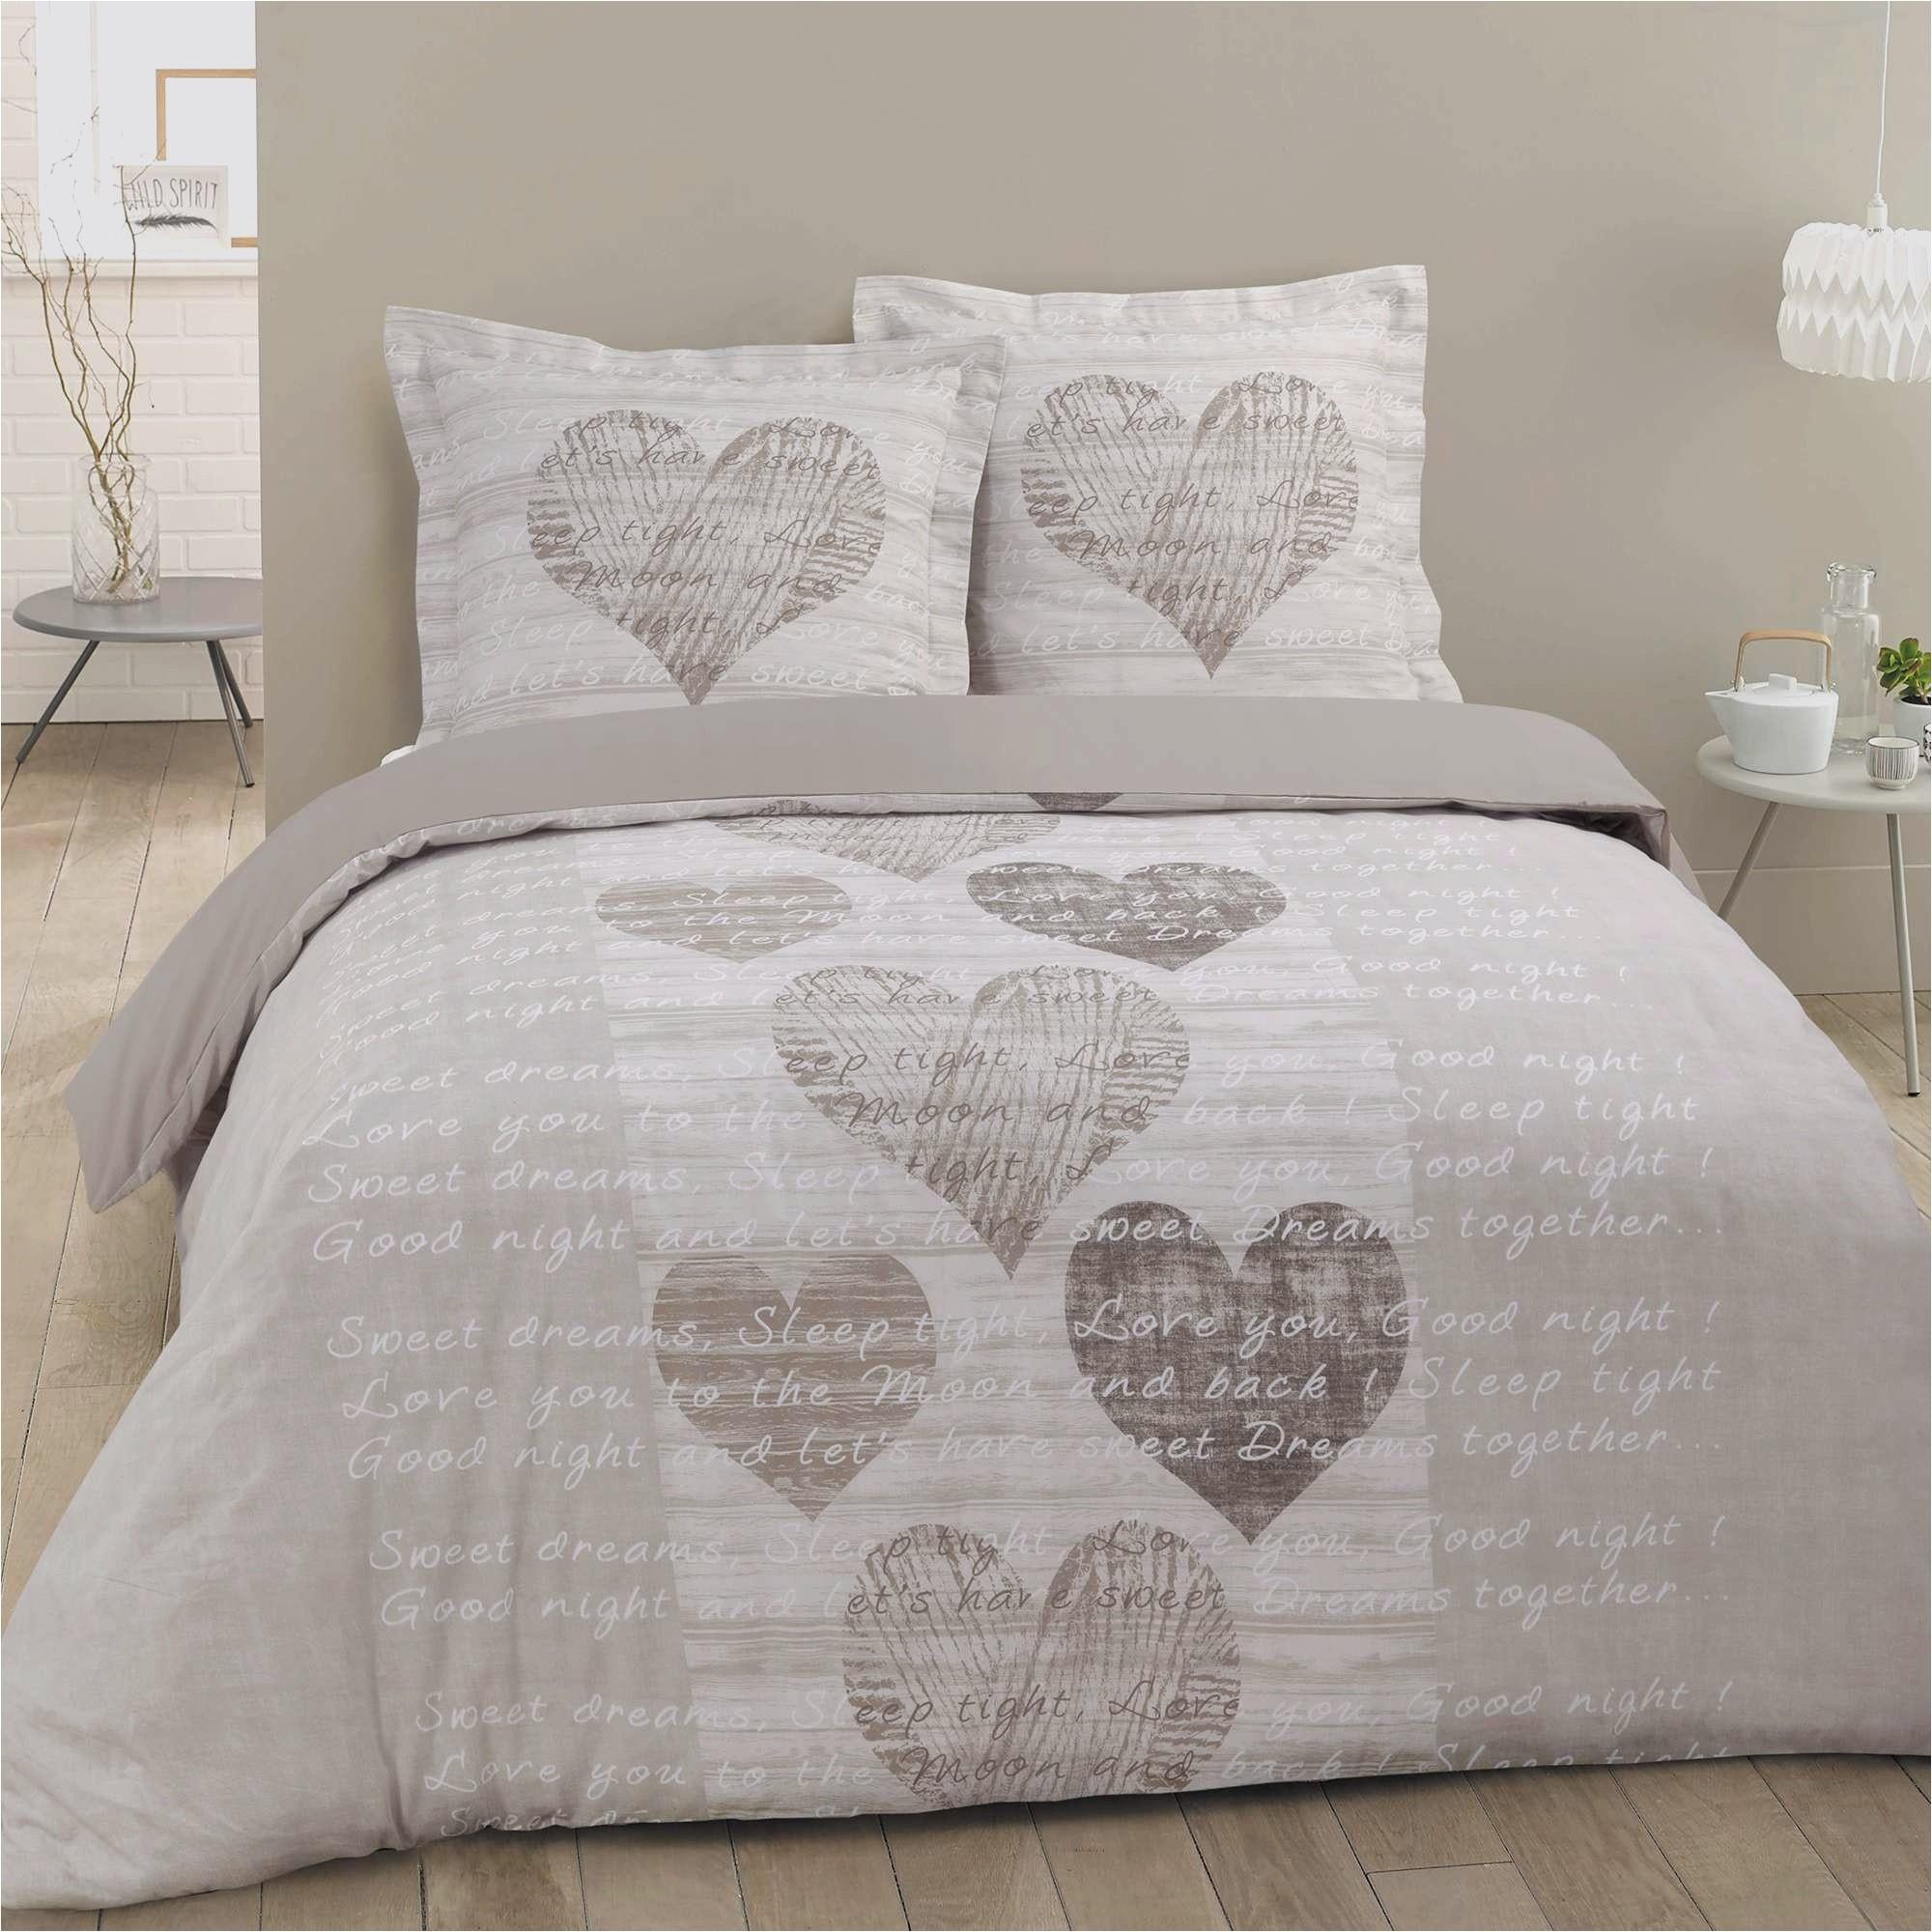 80 nouveau image de drap plat la redoute. Black Bedroom Furniture Sets. Home Design Ideas